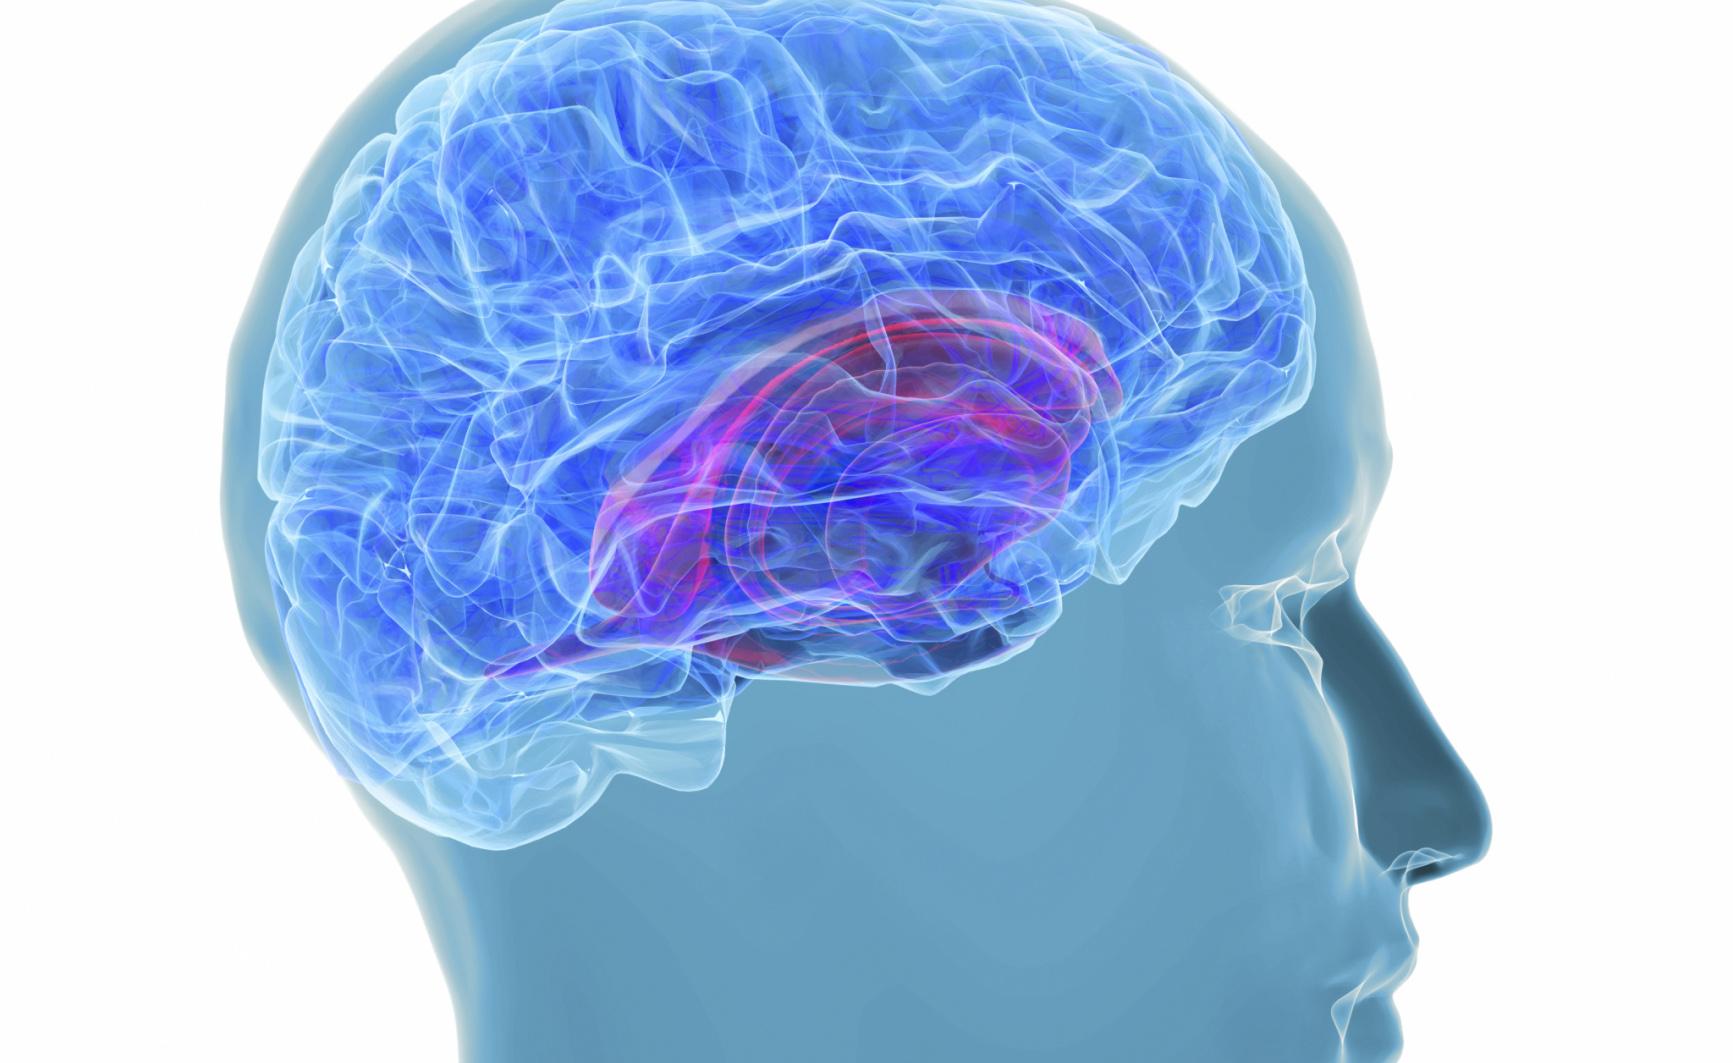 Avrò o no il morbo di Alzheimer?